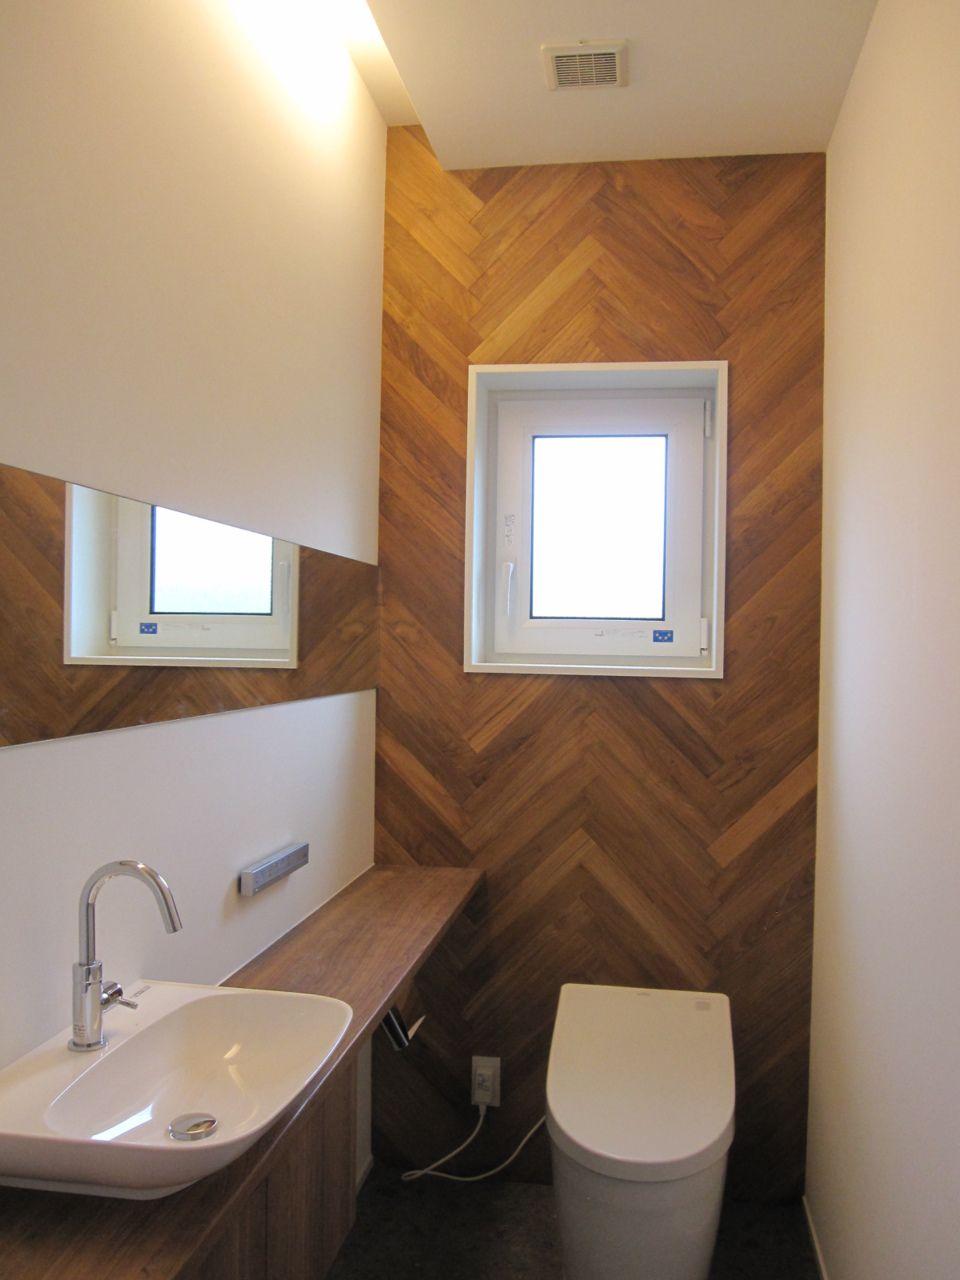 ヘリンボーンの壁材 トイレ インテリア トイレ おしゃれ トイレ 壁紙 おしゃれ